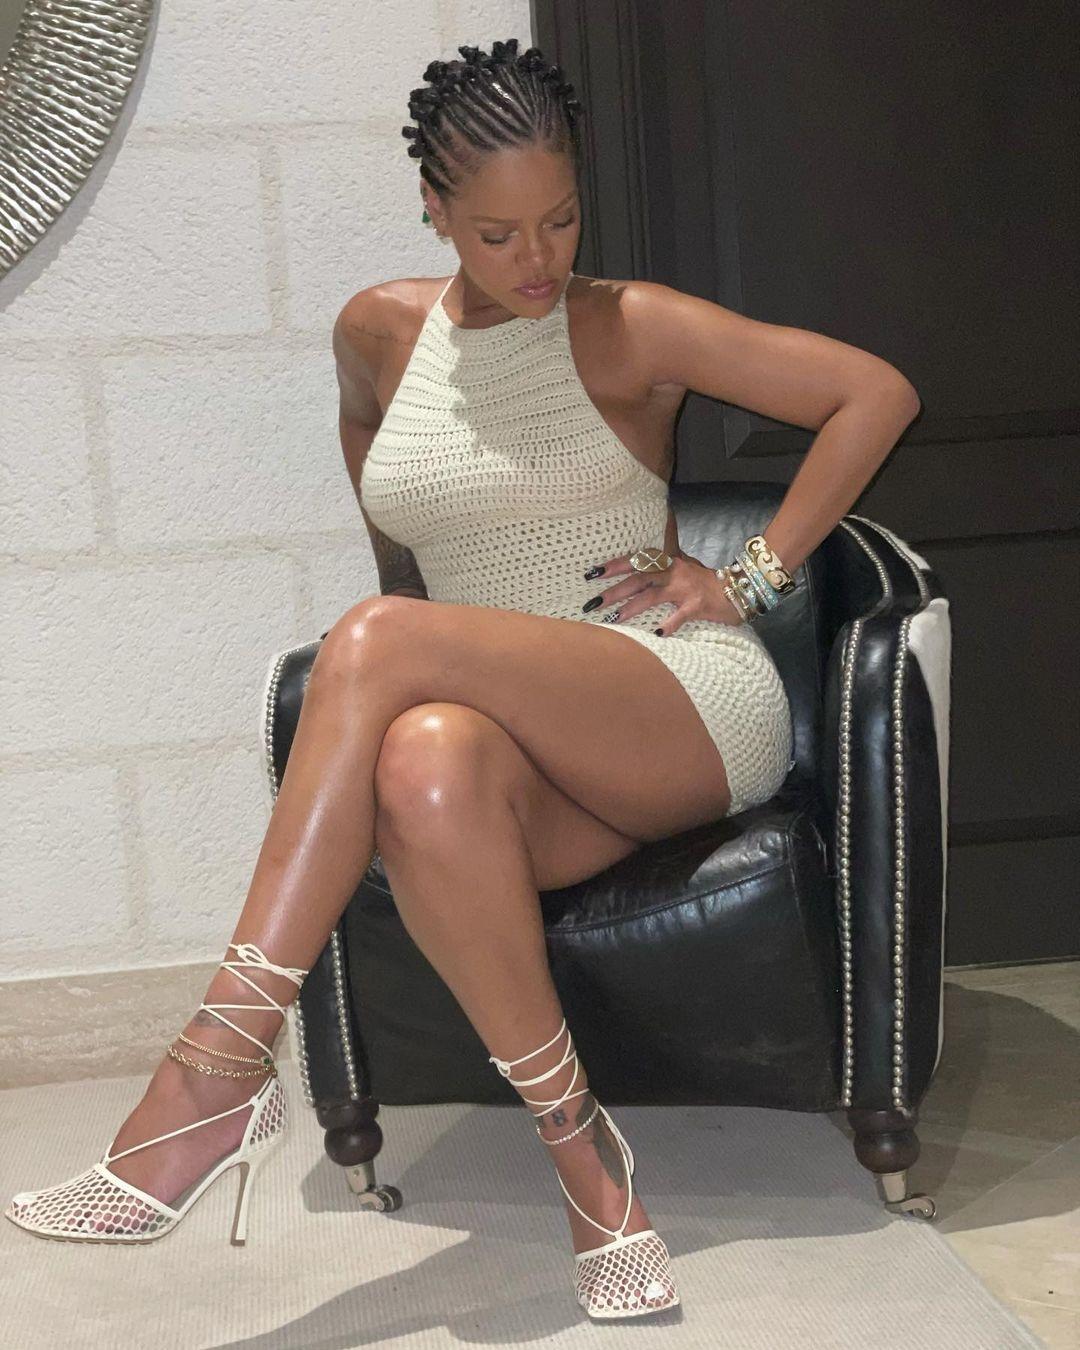 Образ дня: Рианна показала самое модное платье этого лета (ФОТО) - фото №1